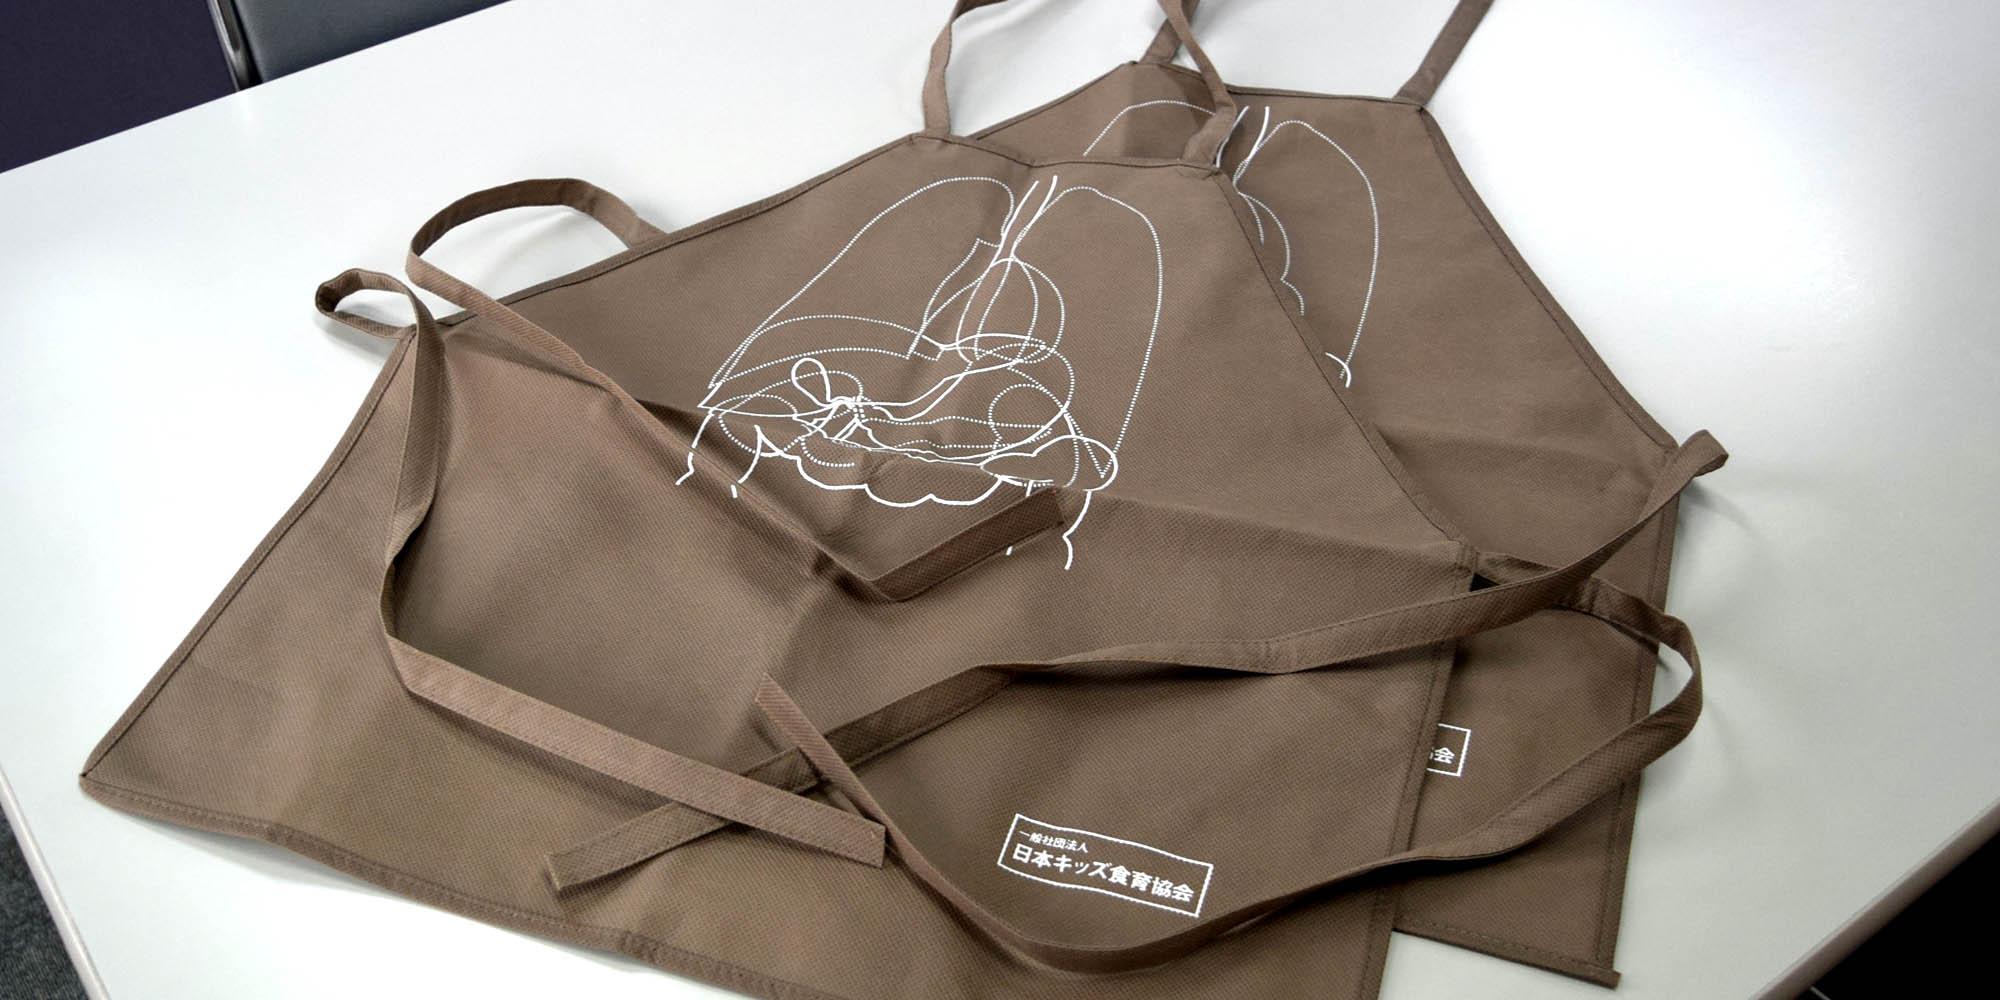 クッキング・DIYイベントや、食育現場での使用等に。オリジナルの子供用不織布製エプロン。